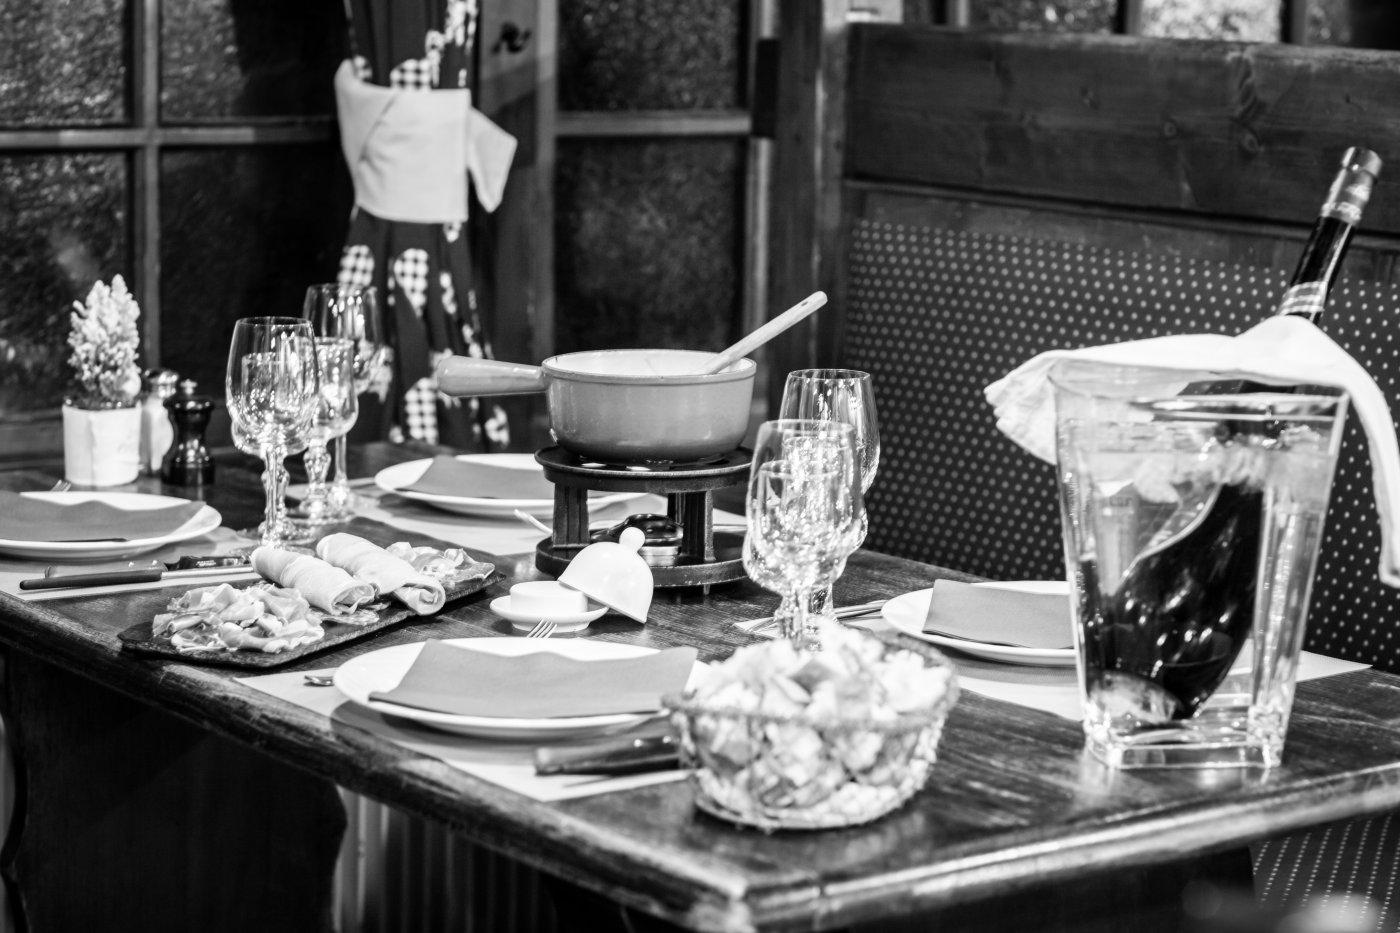 etale-a-morzine-certains-plats-sont-elabores-a-minute-devant-convives